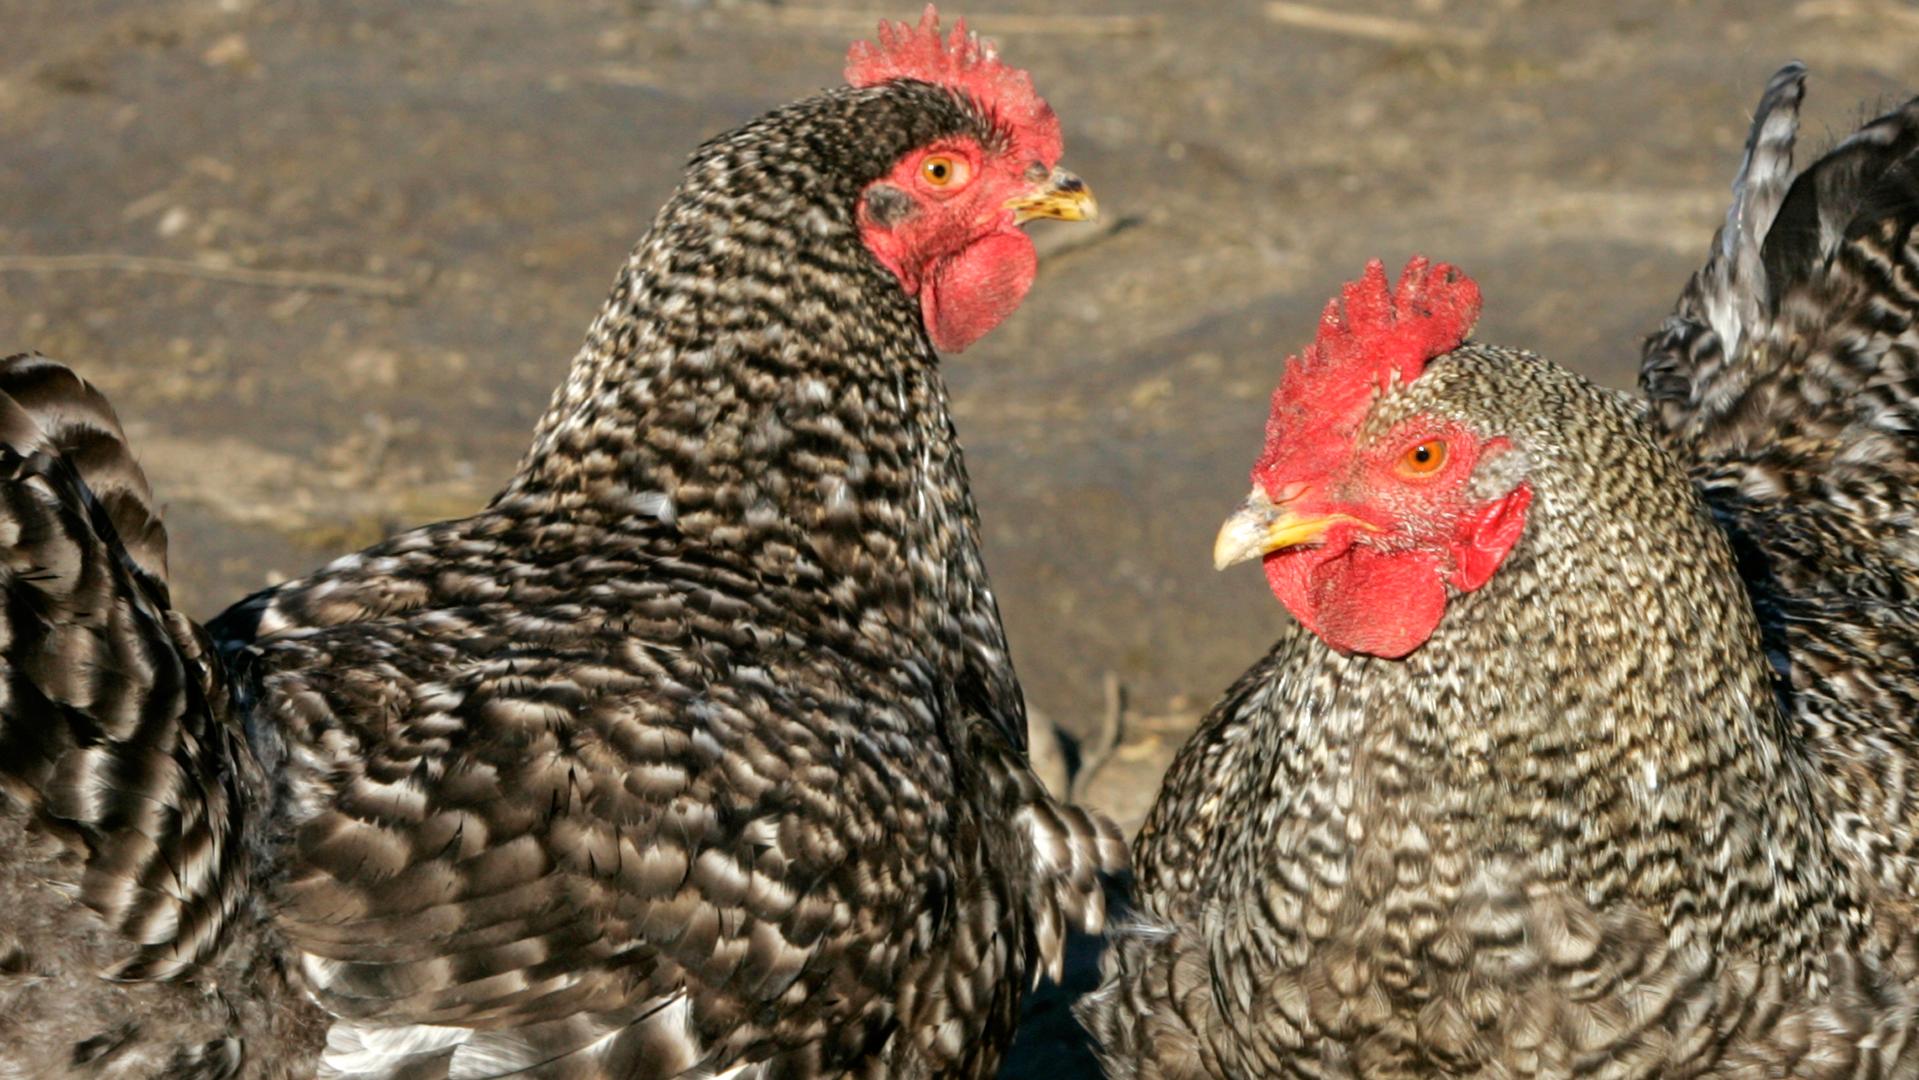 Птичка божия: как церковные реформы Х века повлияли на генетику кур